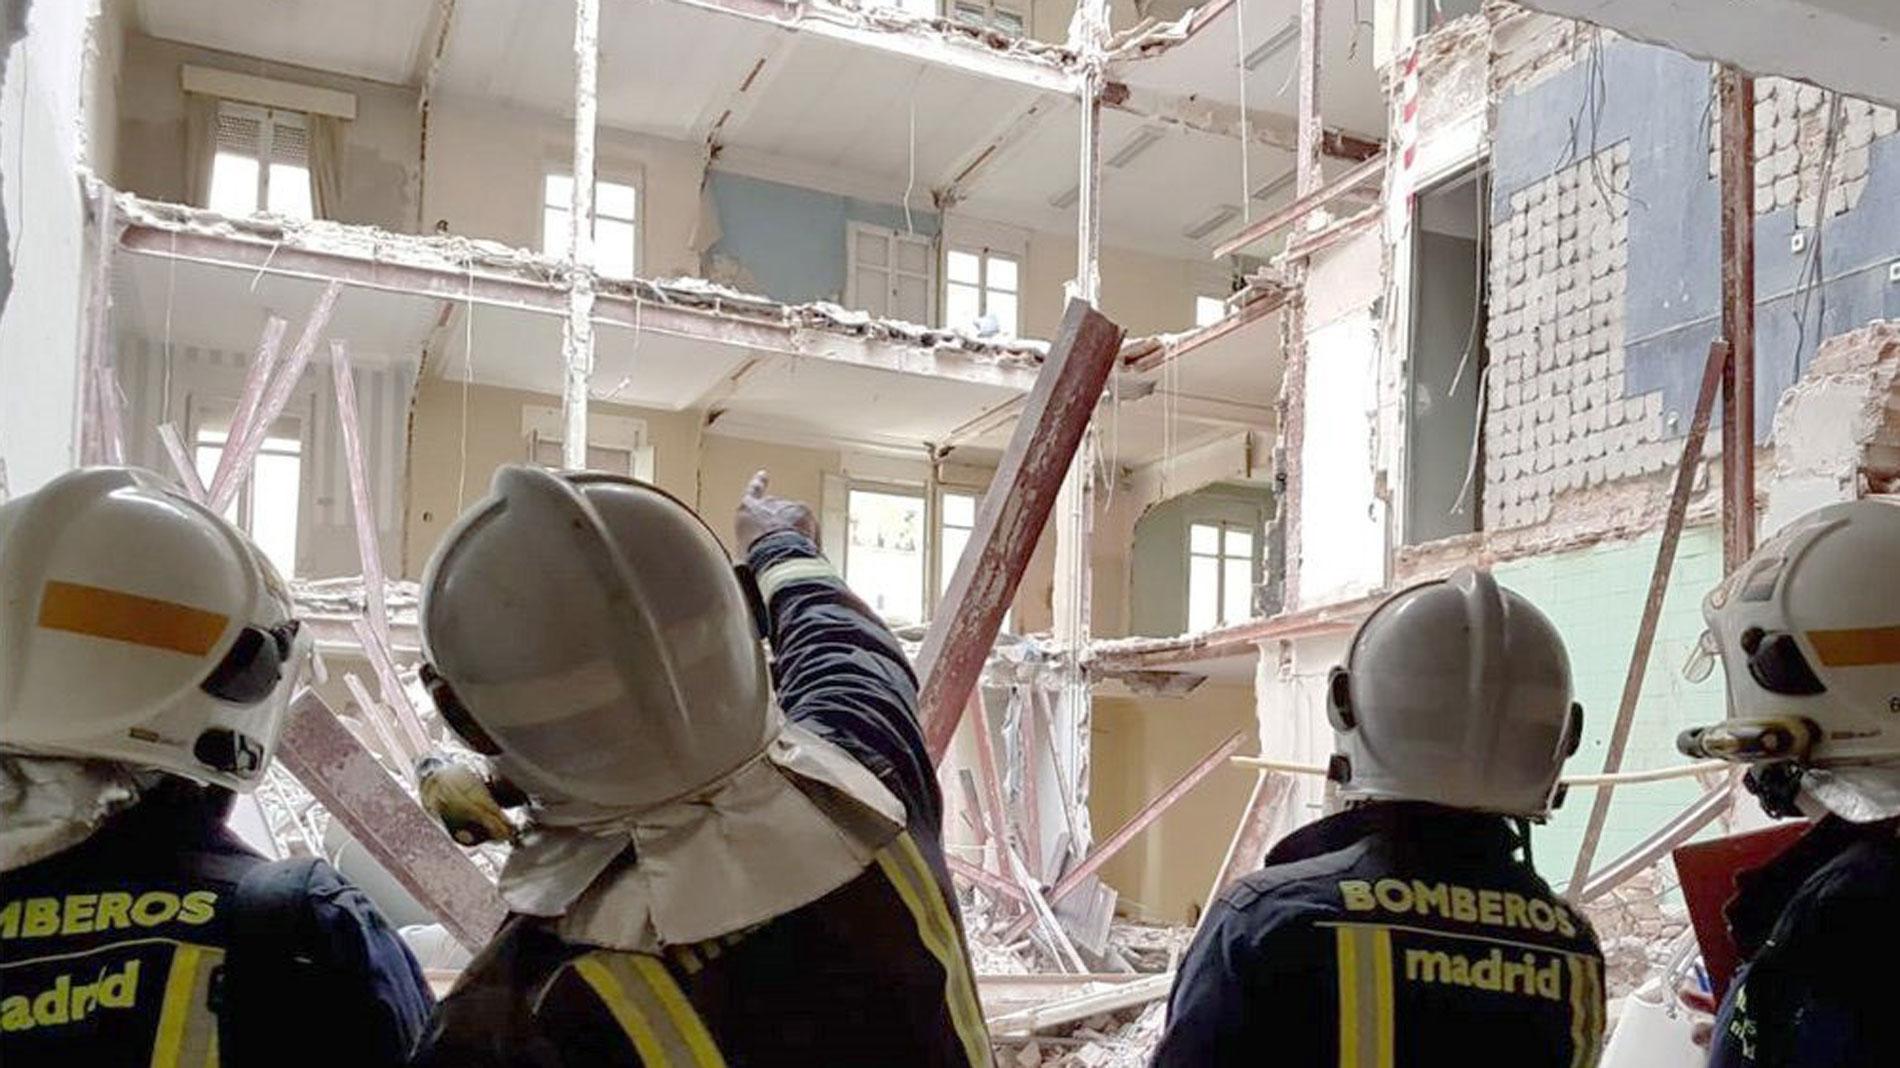 Ir al VideoLocalizan sin vida al trabajador de 56 años desaparecido tras el derrumbe en Madrid